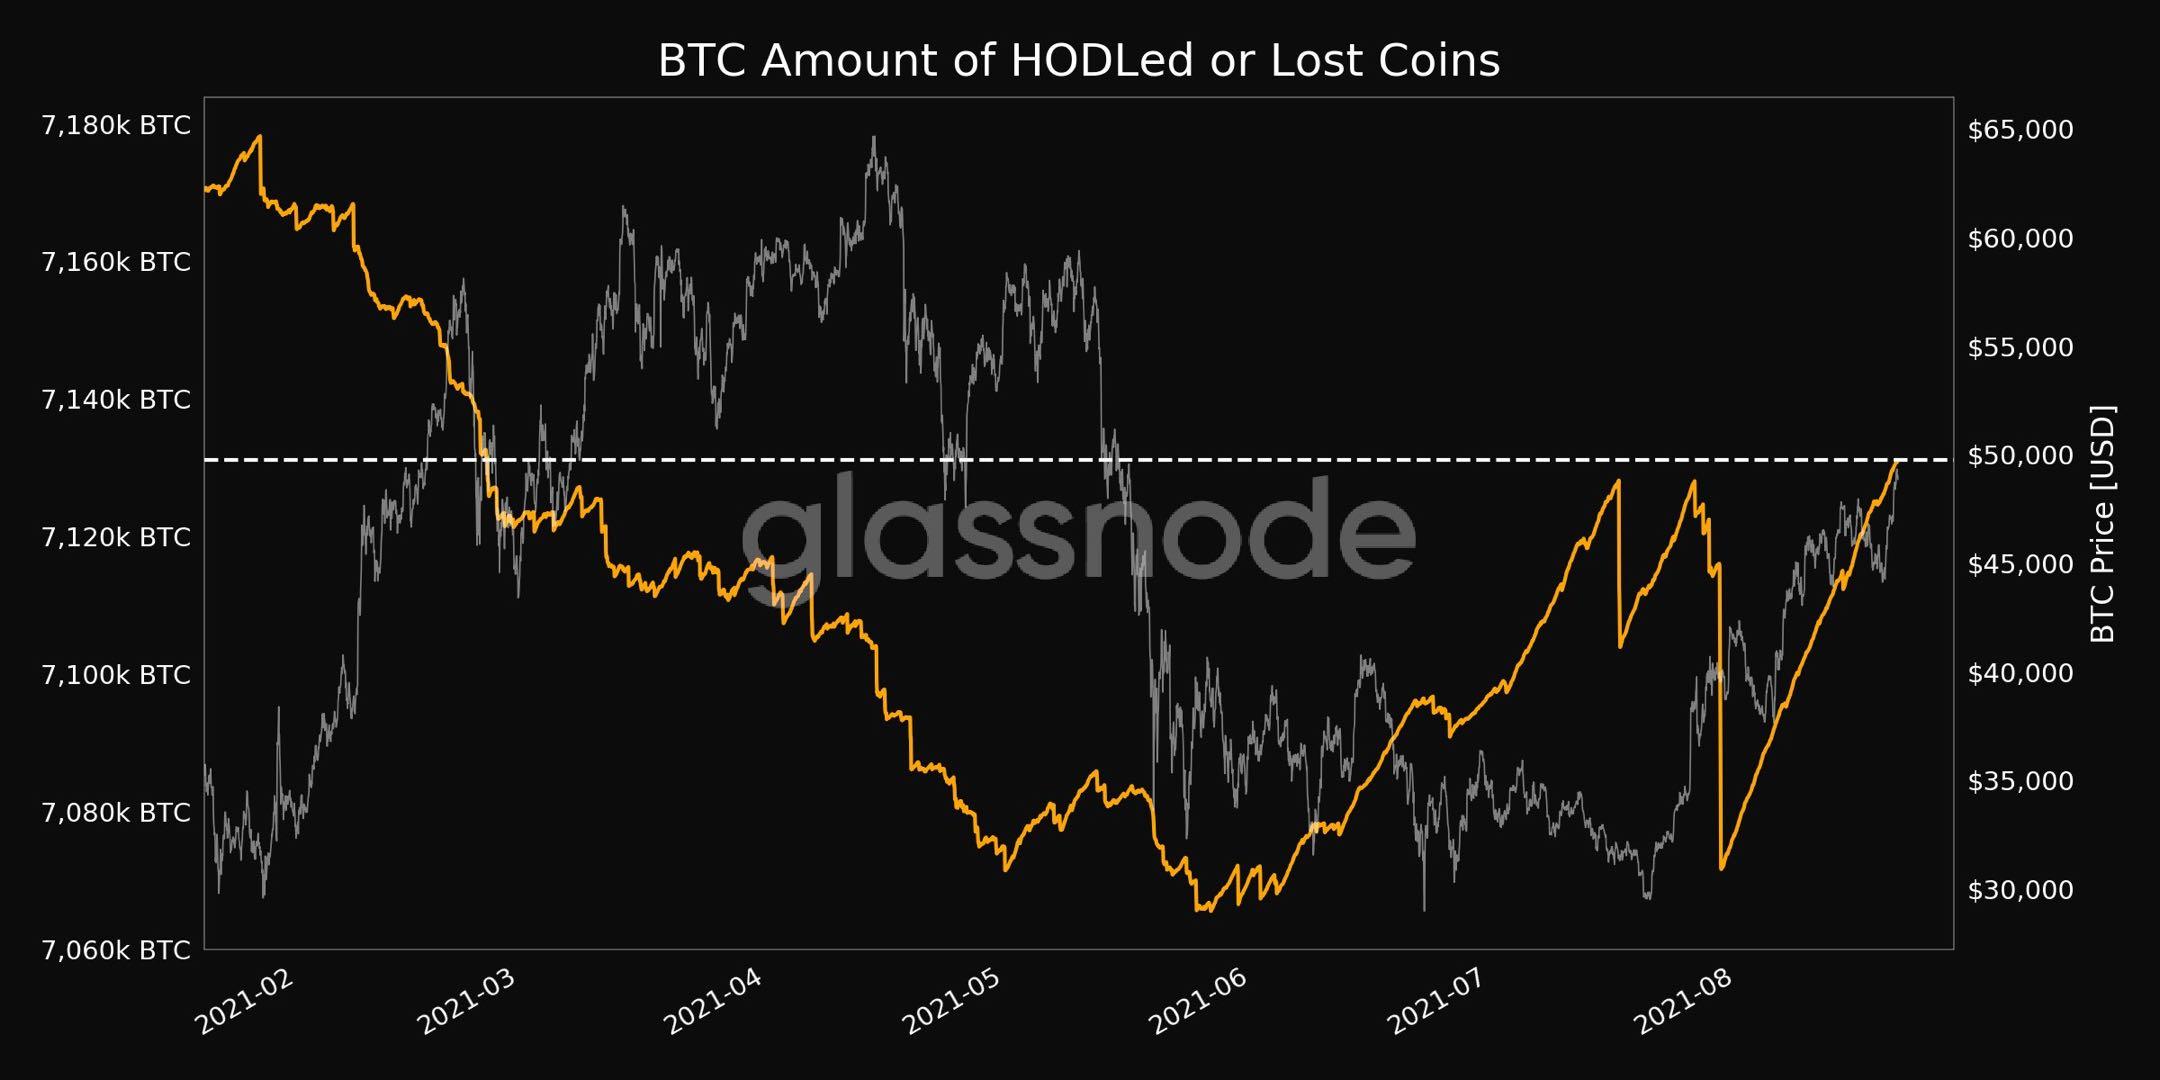 Dados mostram quantidade de Bitcoins perdidos ou guardados por muito tempo